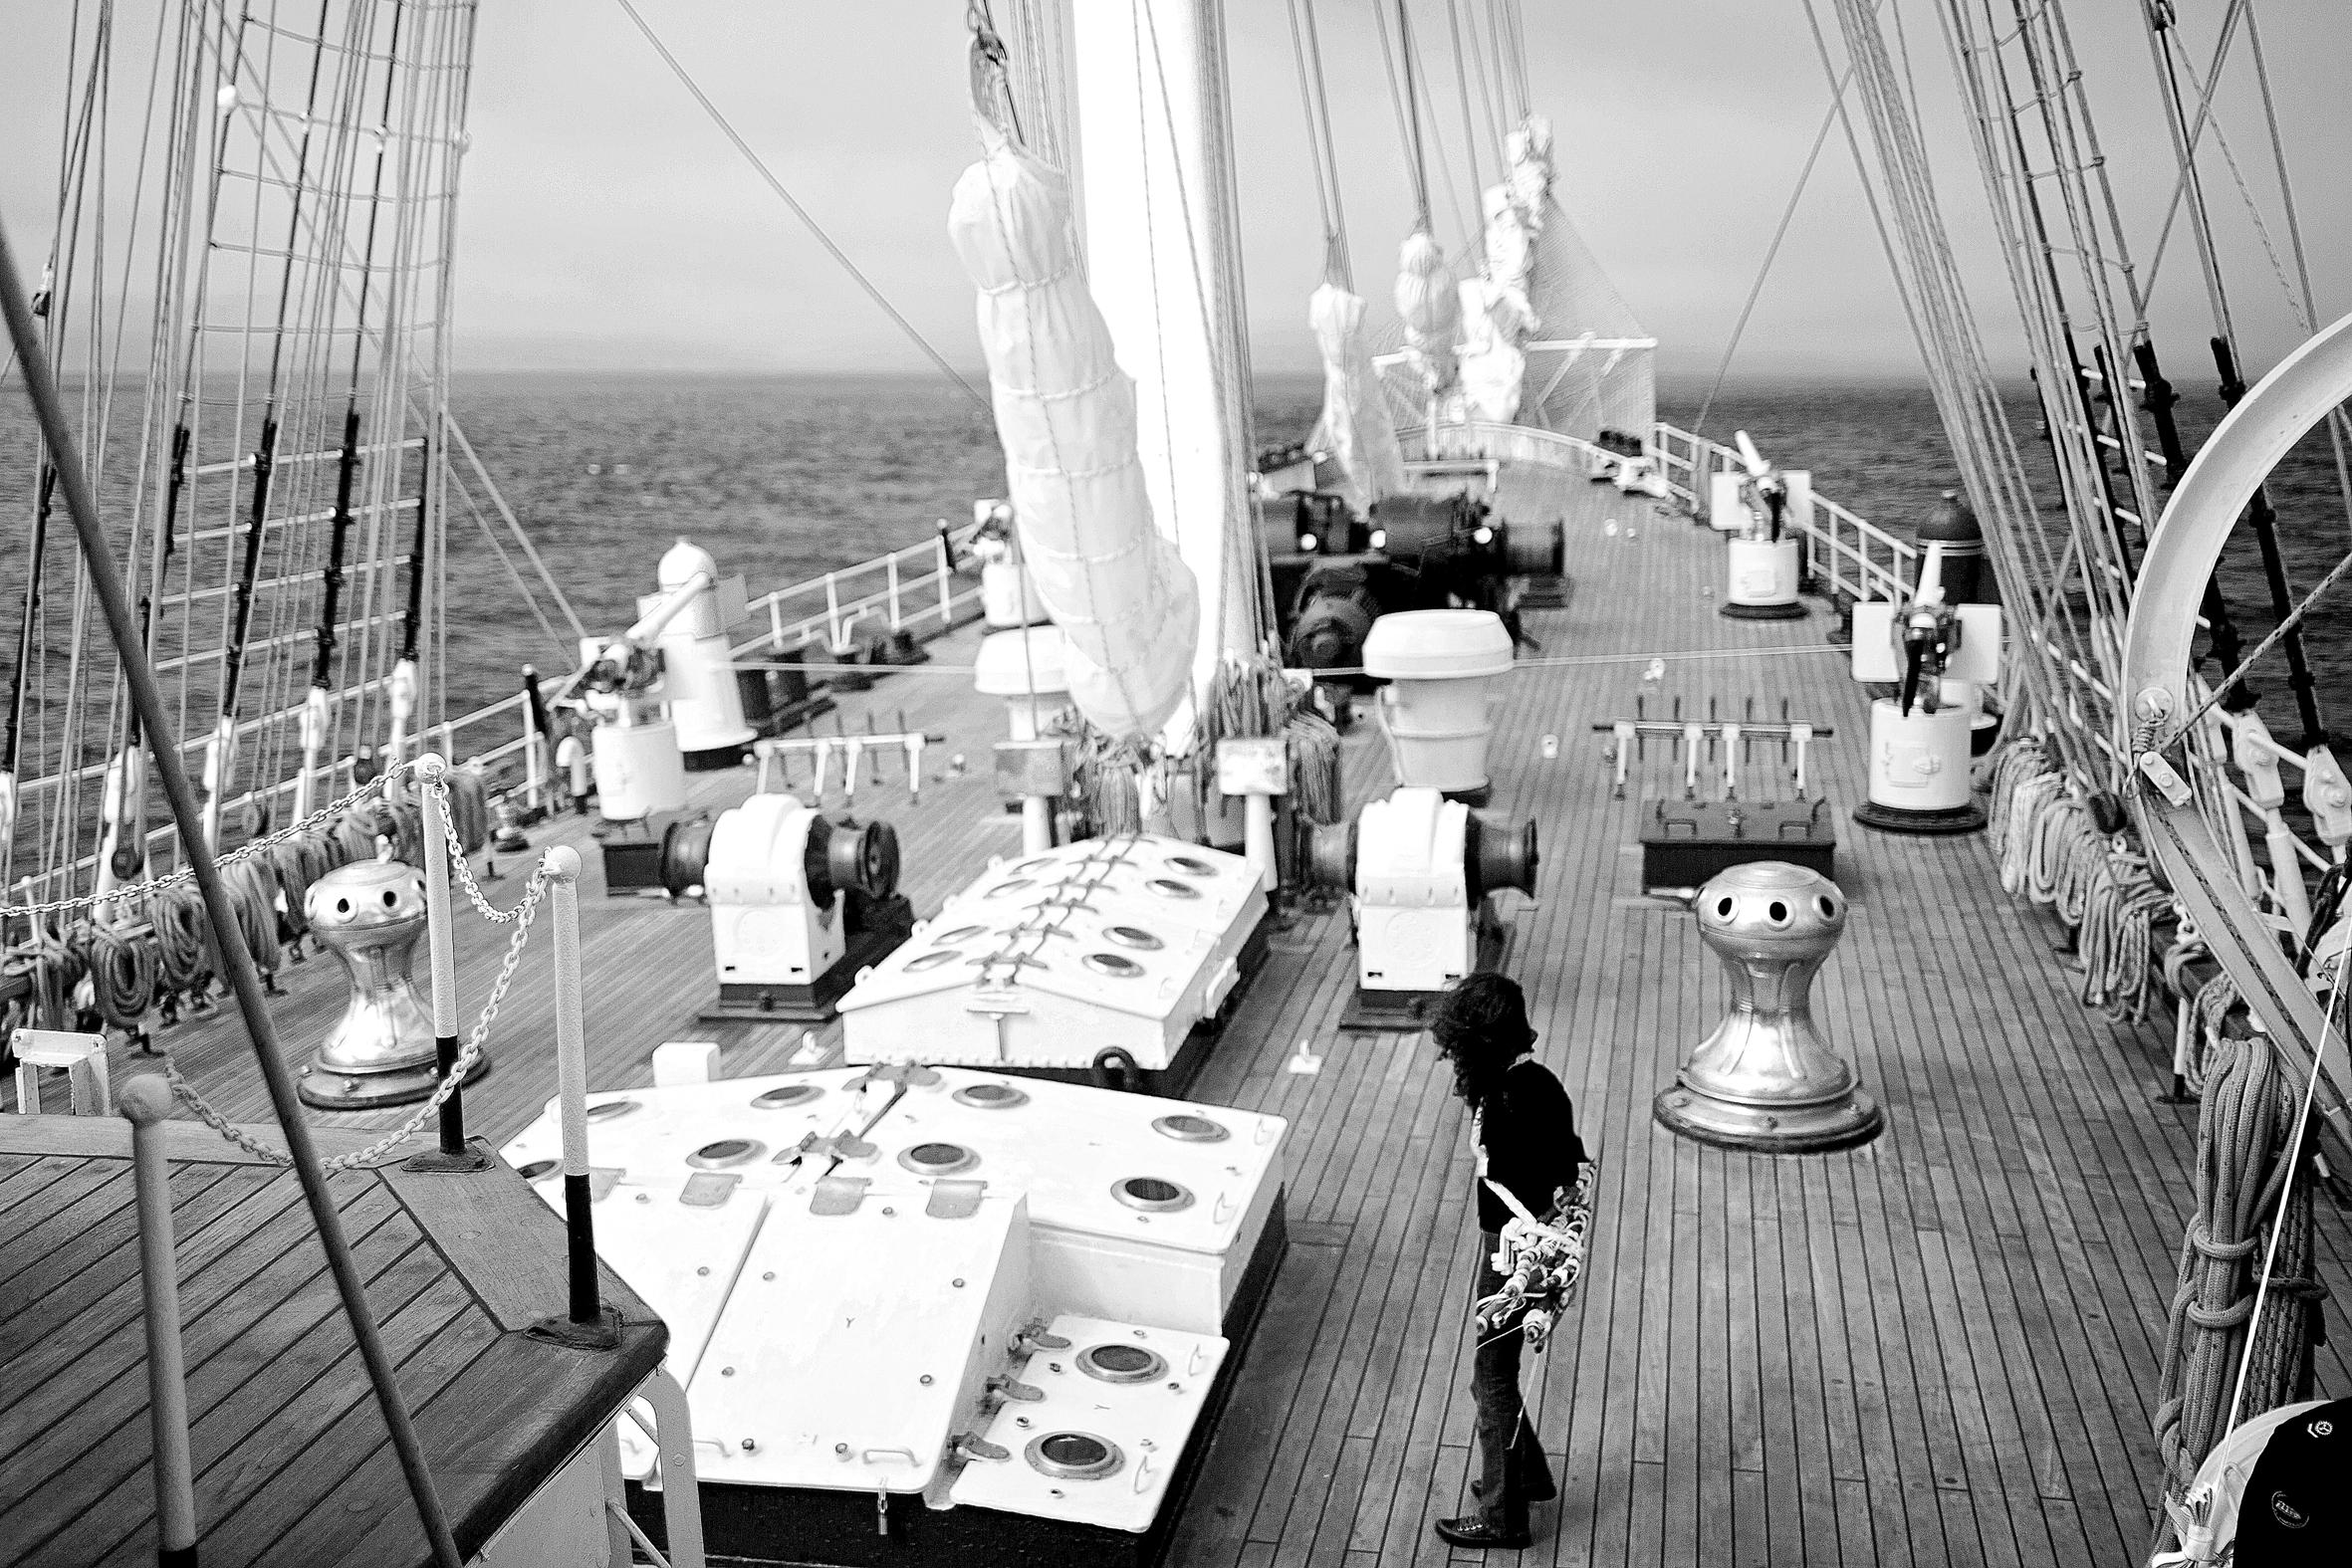 Navegación , 2015.  Performance, buque Esmeralda, Océano Pacífico. Impresión Lamda, 80 x 120 cm.     Navegation , 2015.   Performance,  Esmeralda ship, Pacific Ocean. Lamda print, 80 x 120 cm.